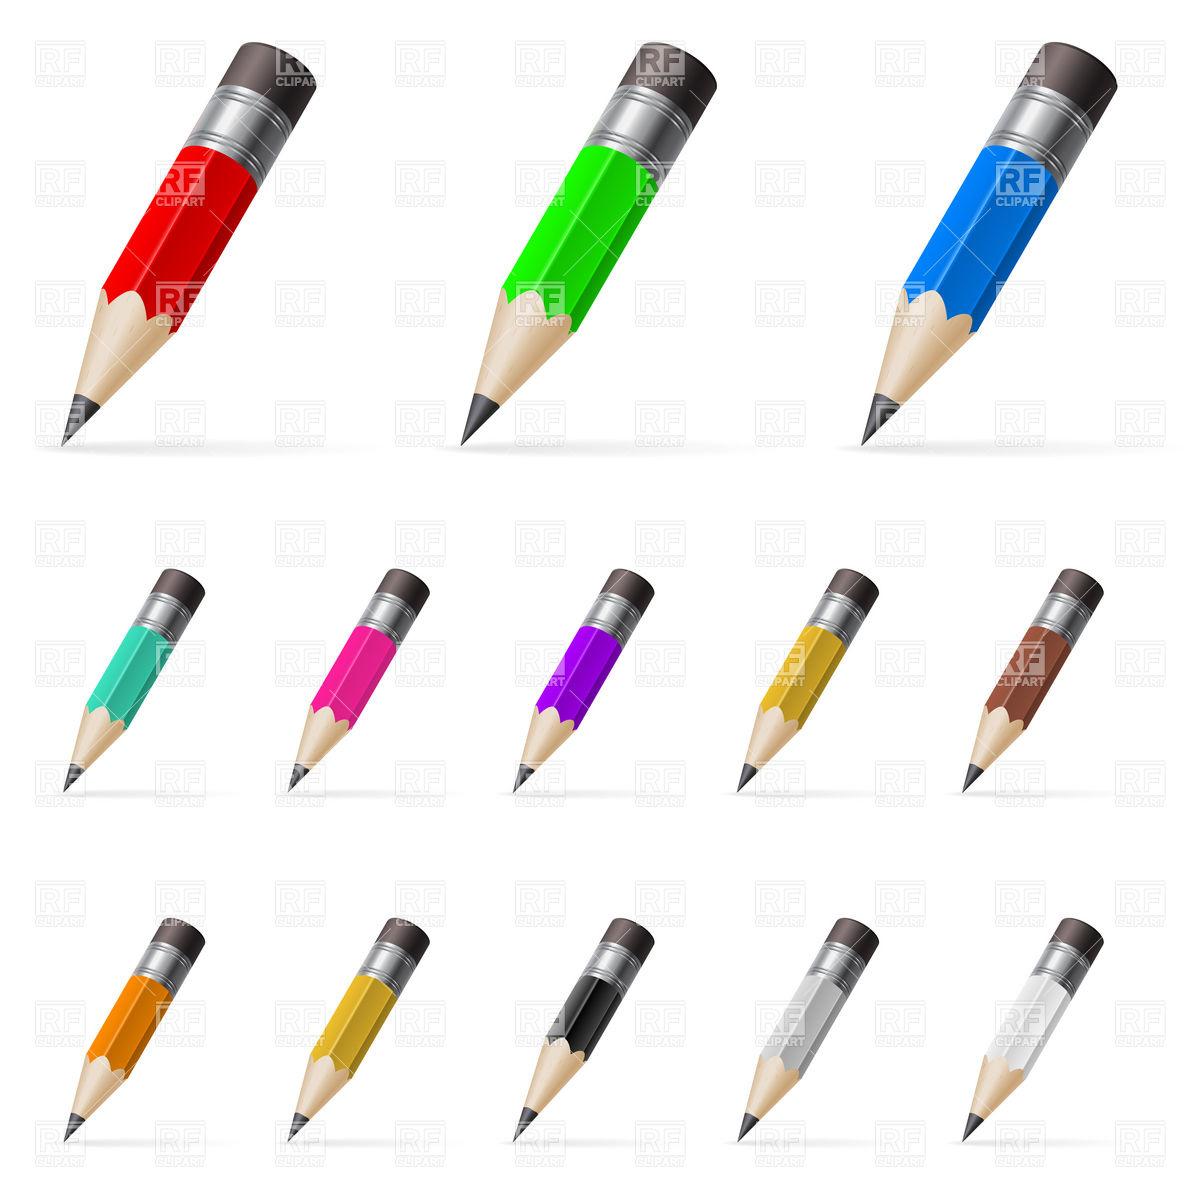 Clipart pencil eraser.